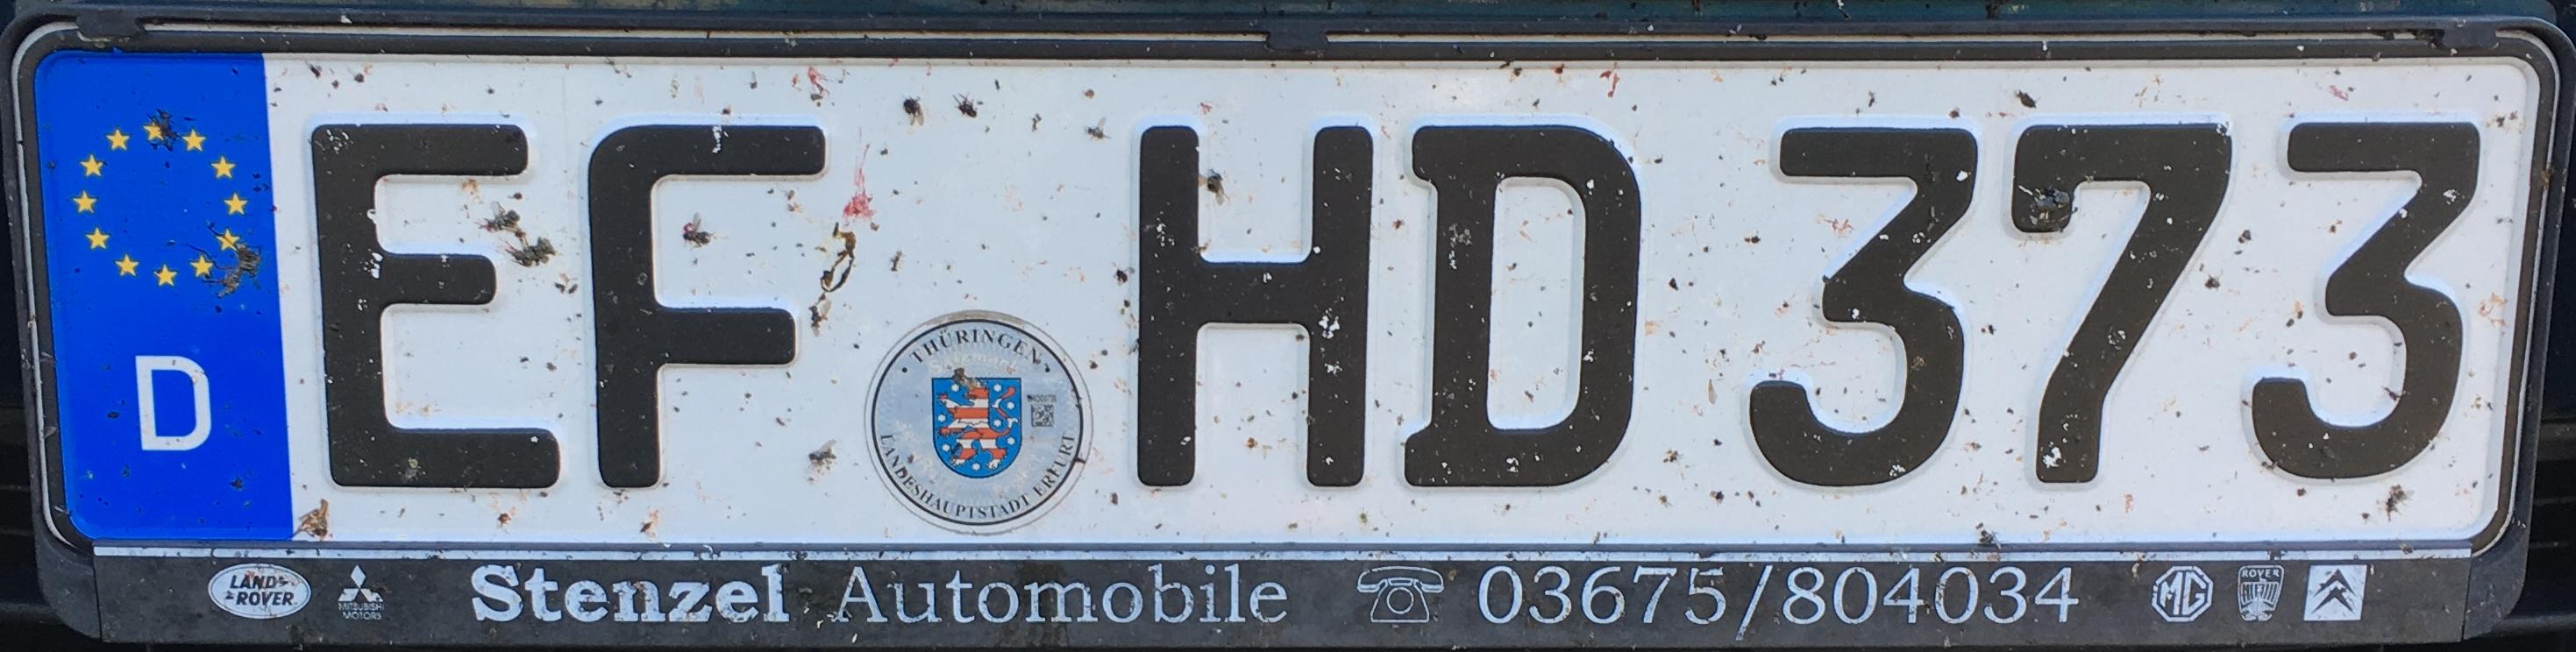 Registrační značka Německo – EF - Erfurt, foto: www.podalnici.cz